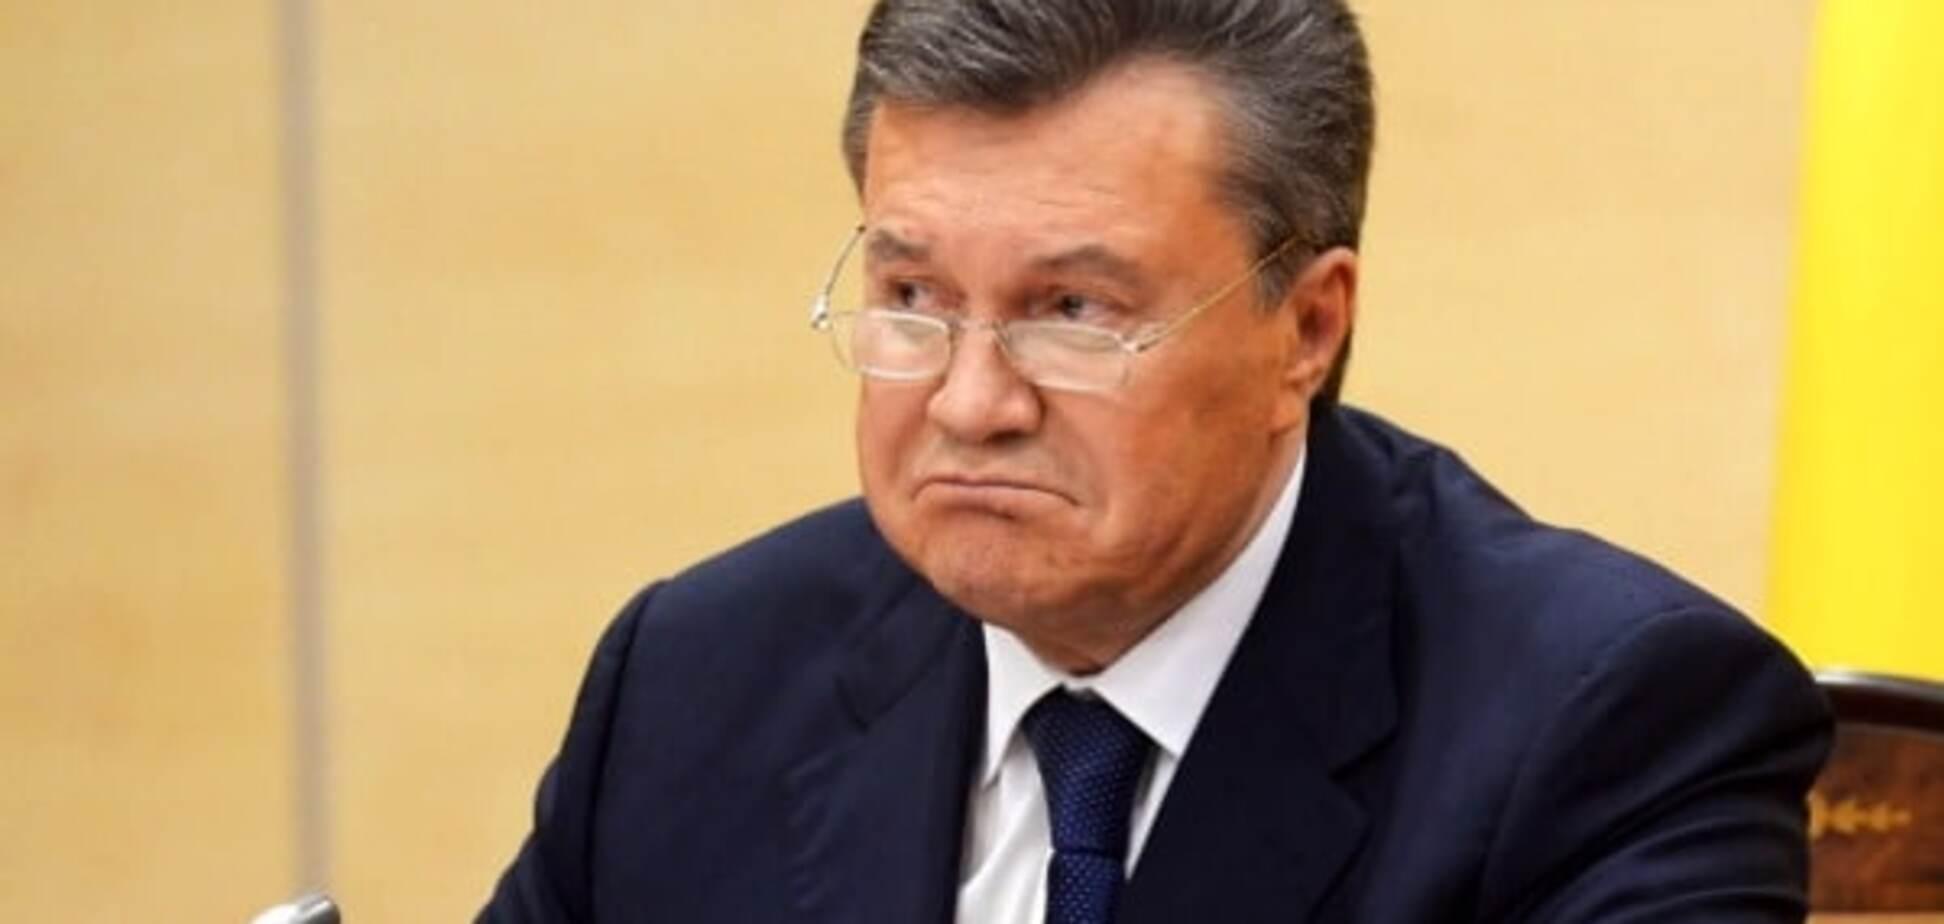 Янукович і його соратники вкрали близько 500 мільярдів гривень